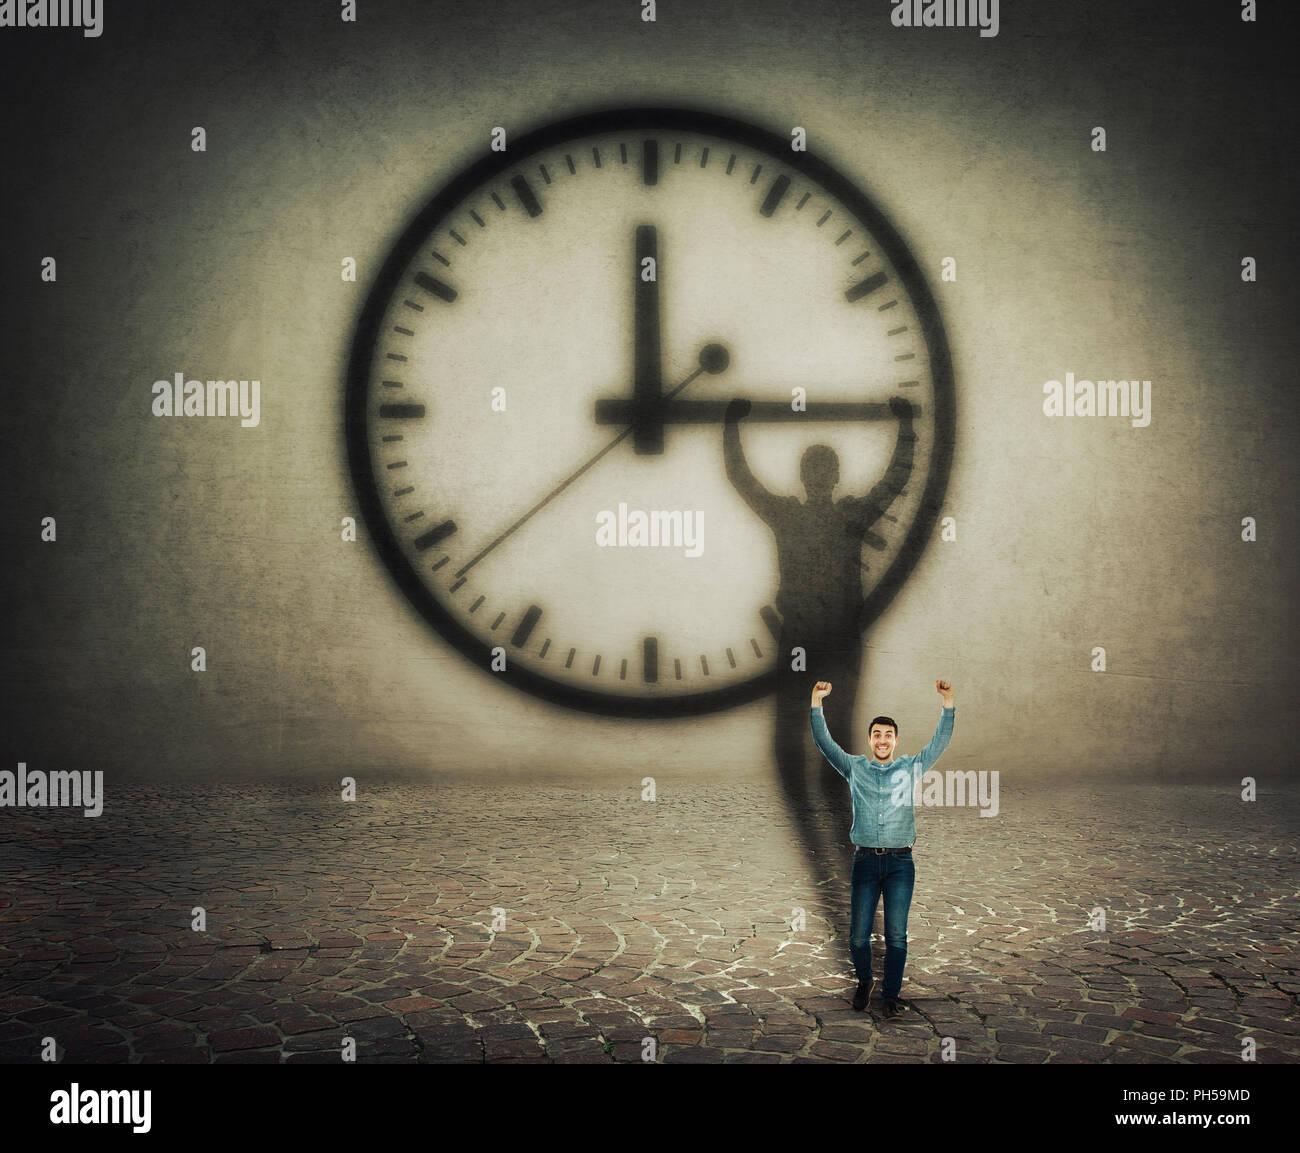 Immagine surreale di un imprenditore cerca di fermare il tempo. Getta un' ombra con le mani in alto tenendo la freccia di clock. Immagini Stock